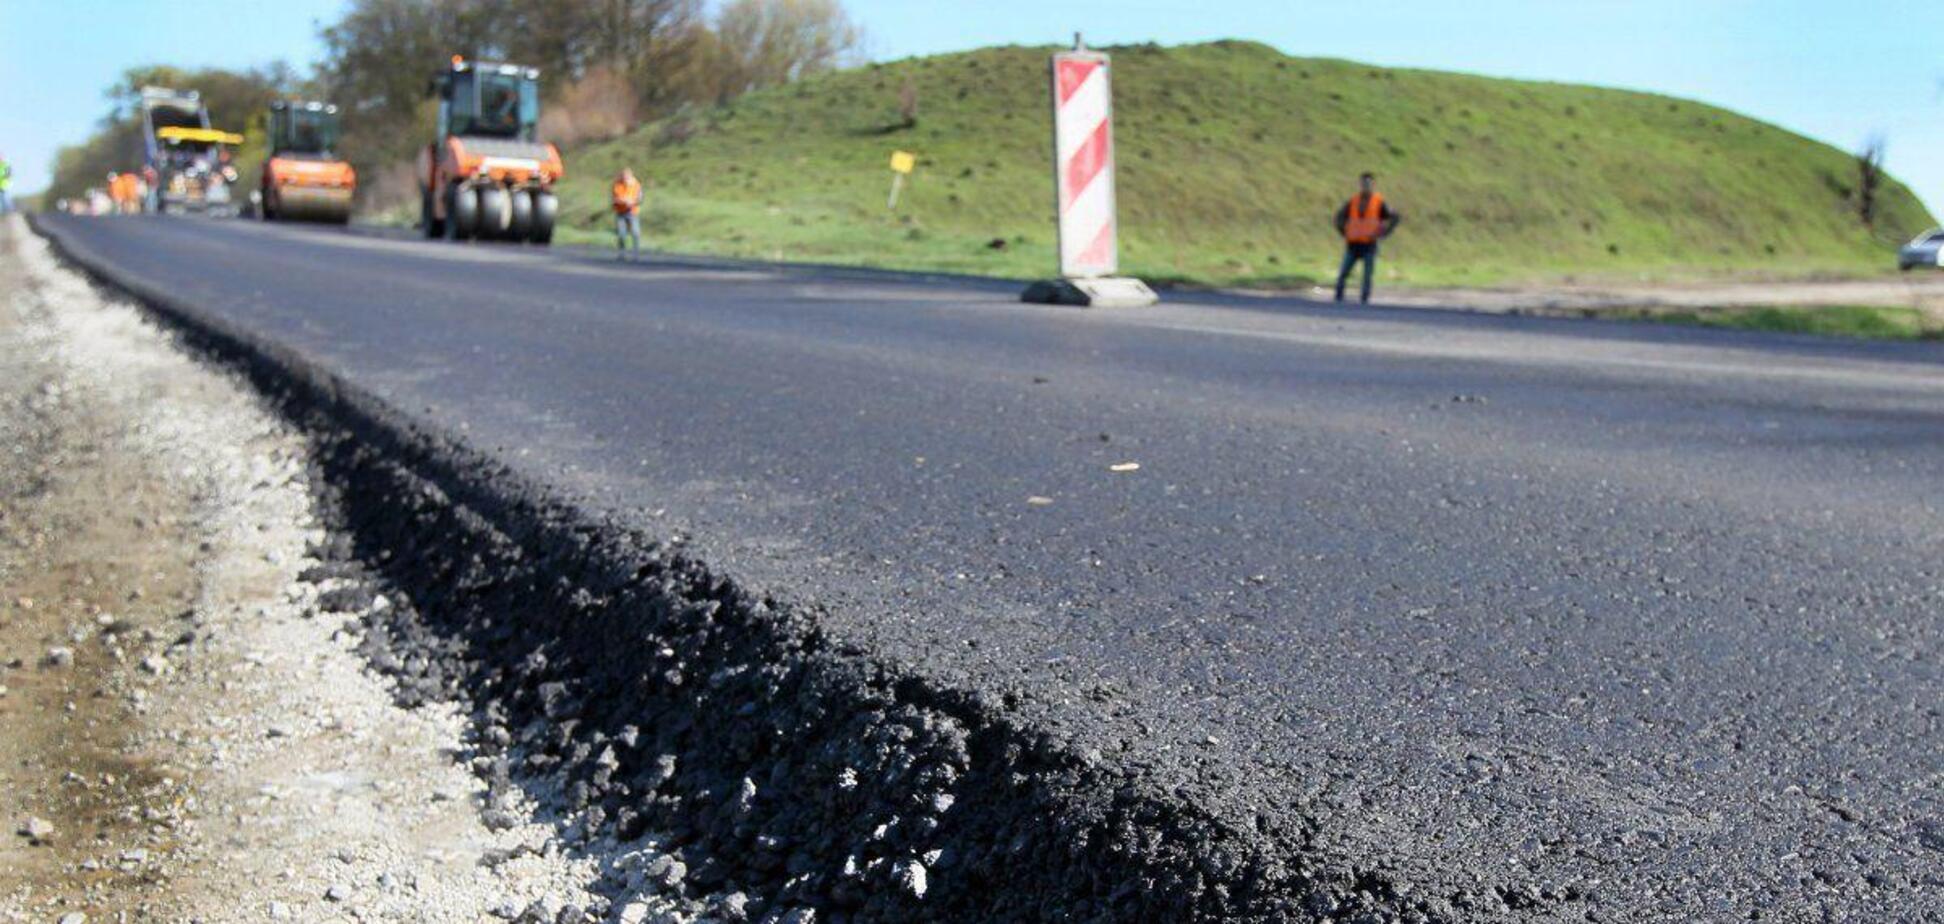 Председатель Тернопольского облсовета прописал тендер под фирму, которая нарушает технологии дорожного строительства